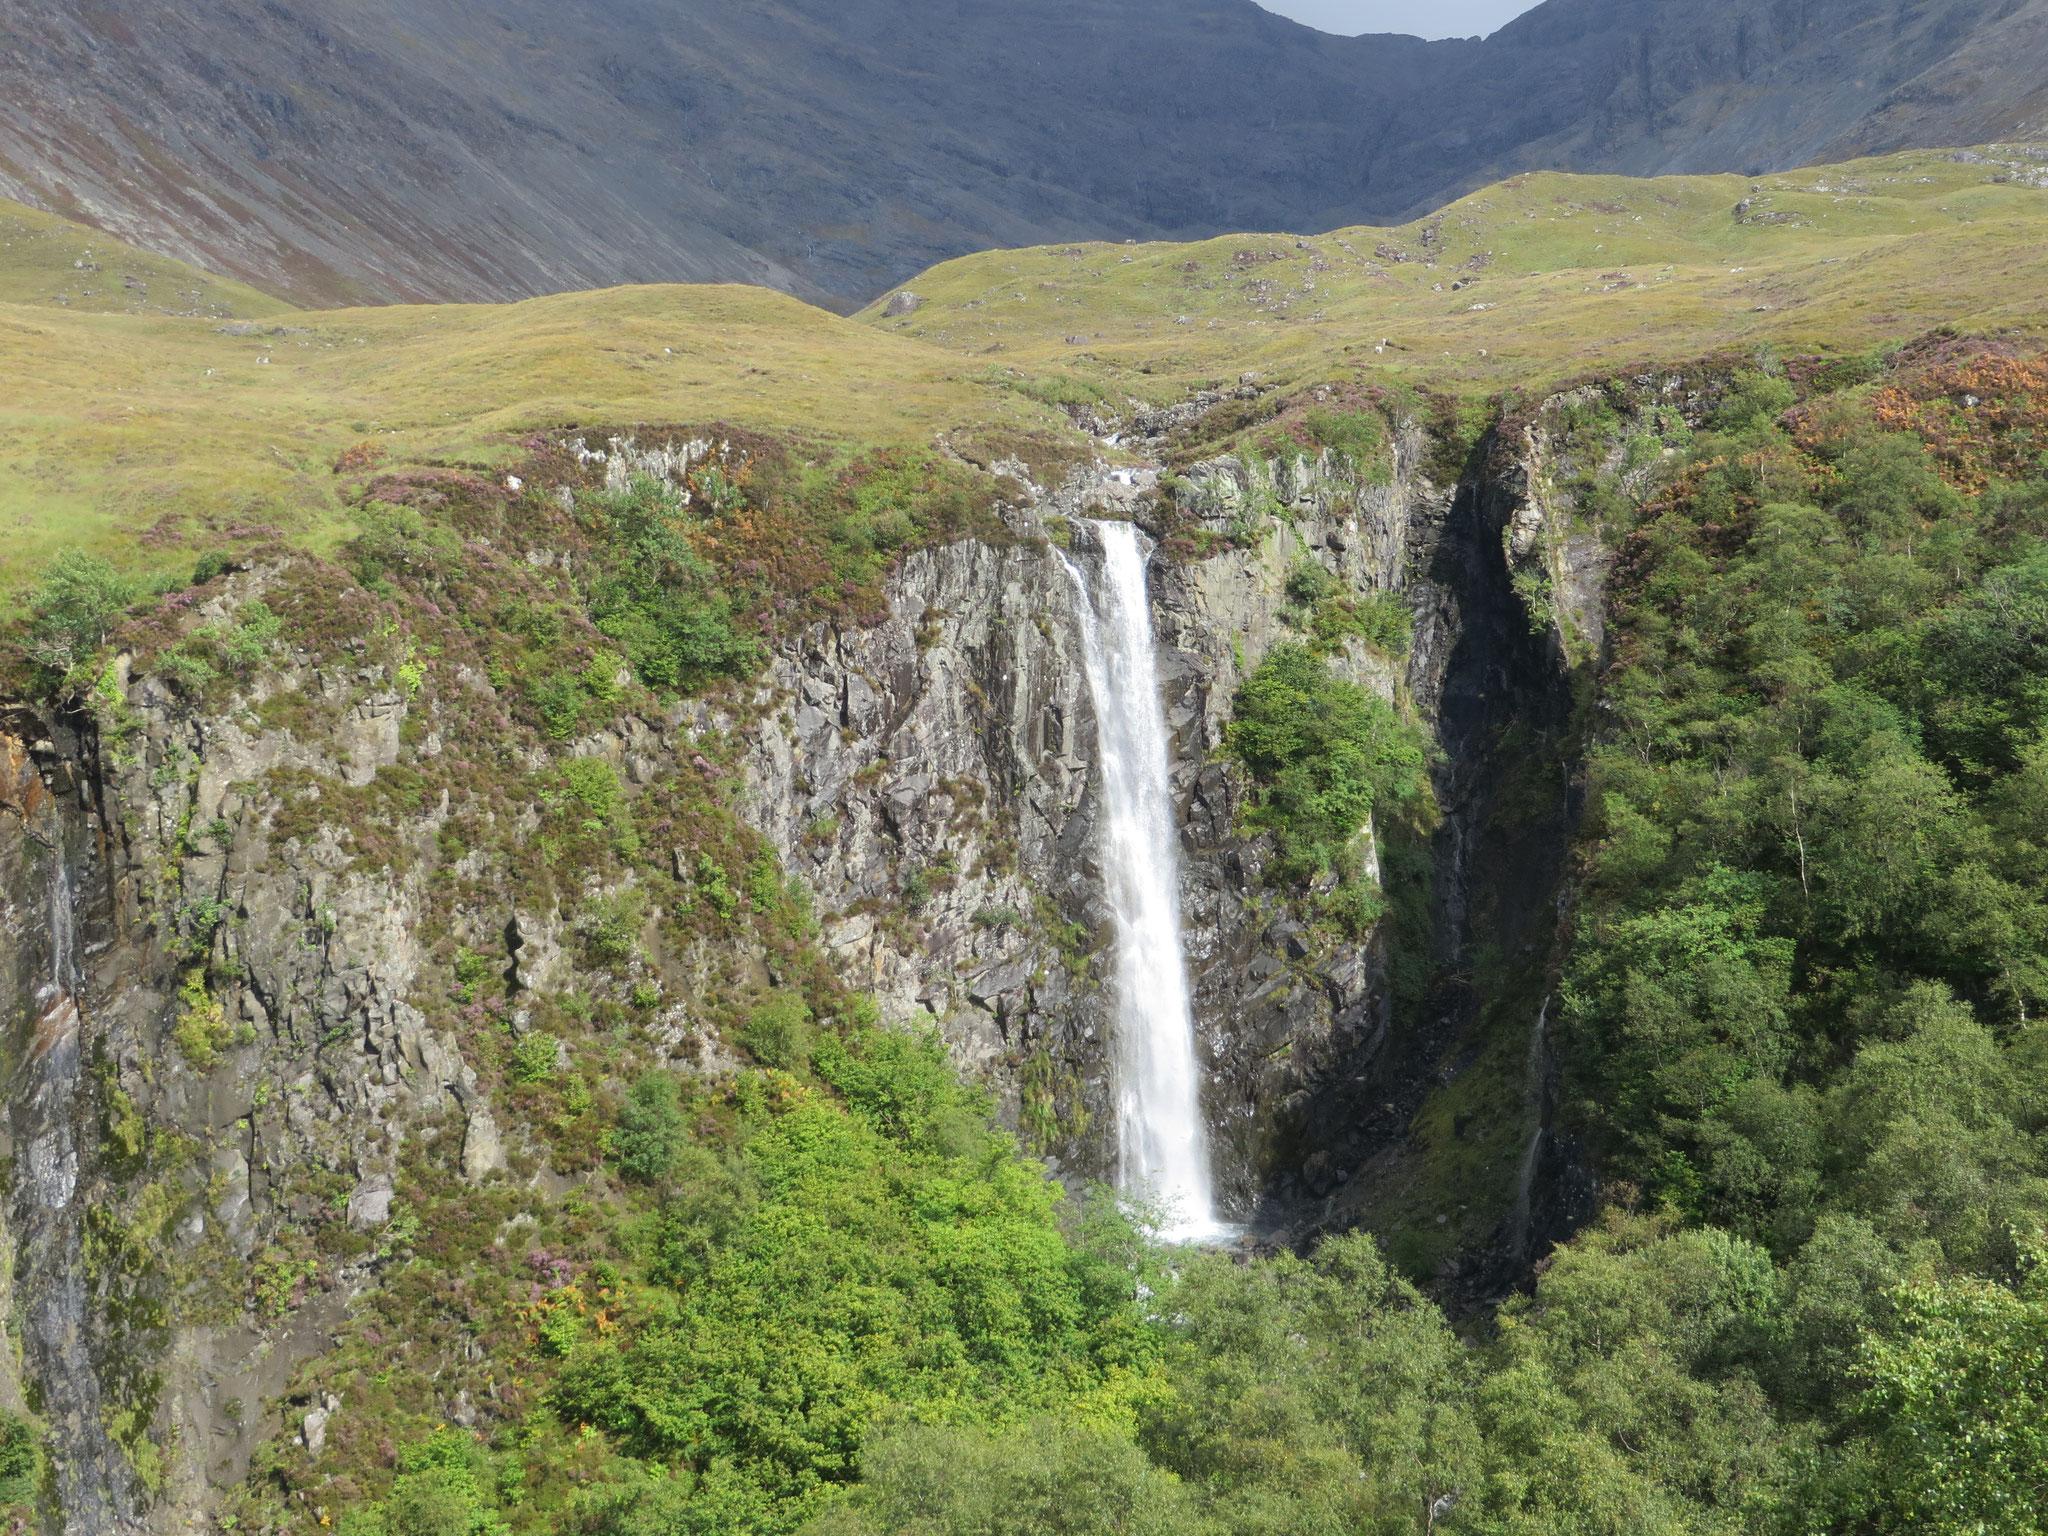 Menschenleer: Eas Mor - der höchste Wasserfall auf der Skye